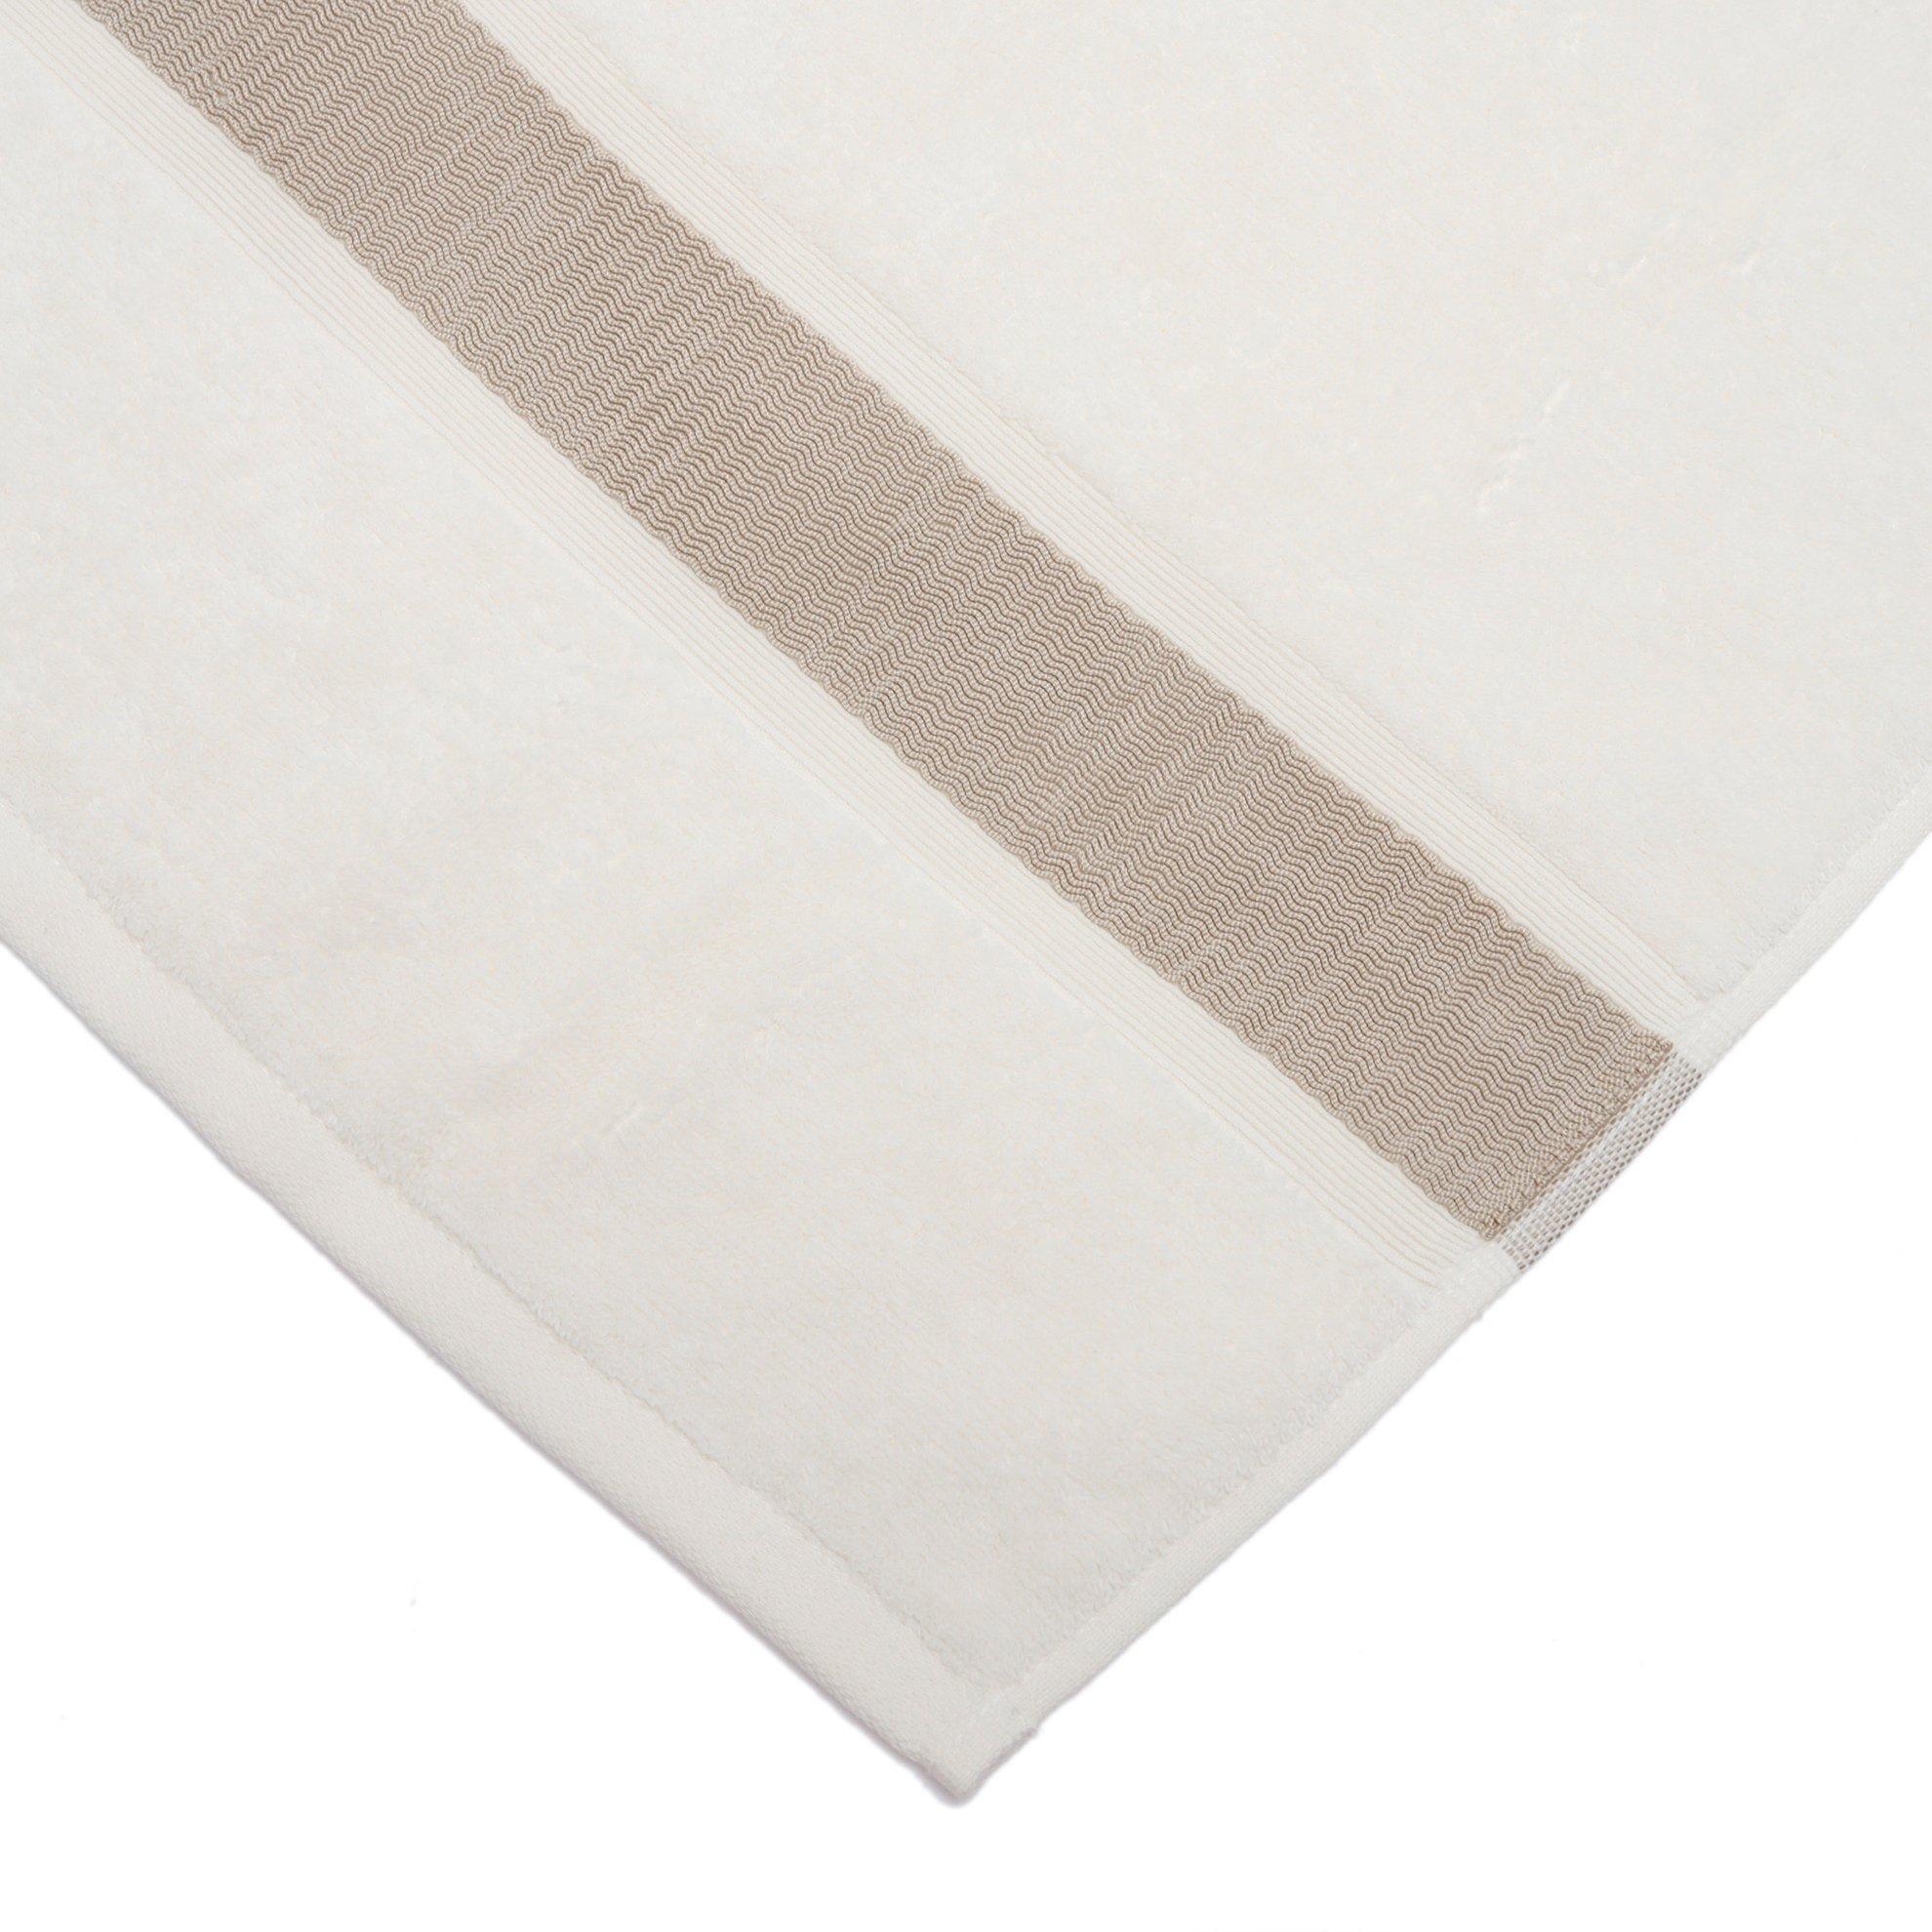 Banyo Havlusu Bej (90x150cm)